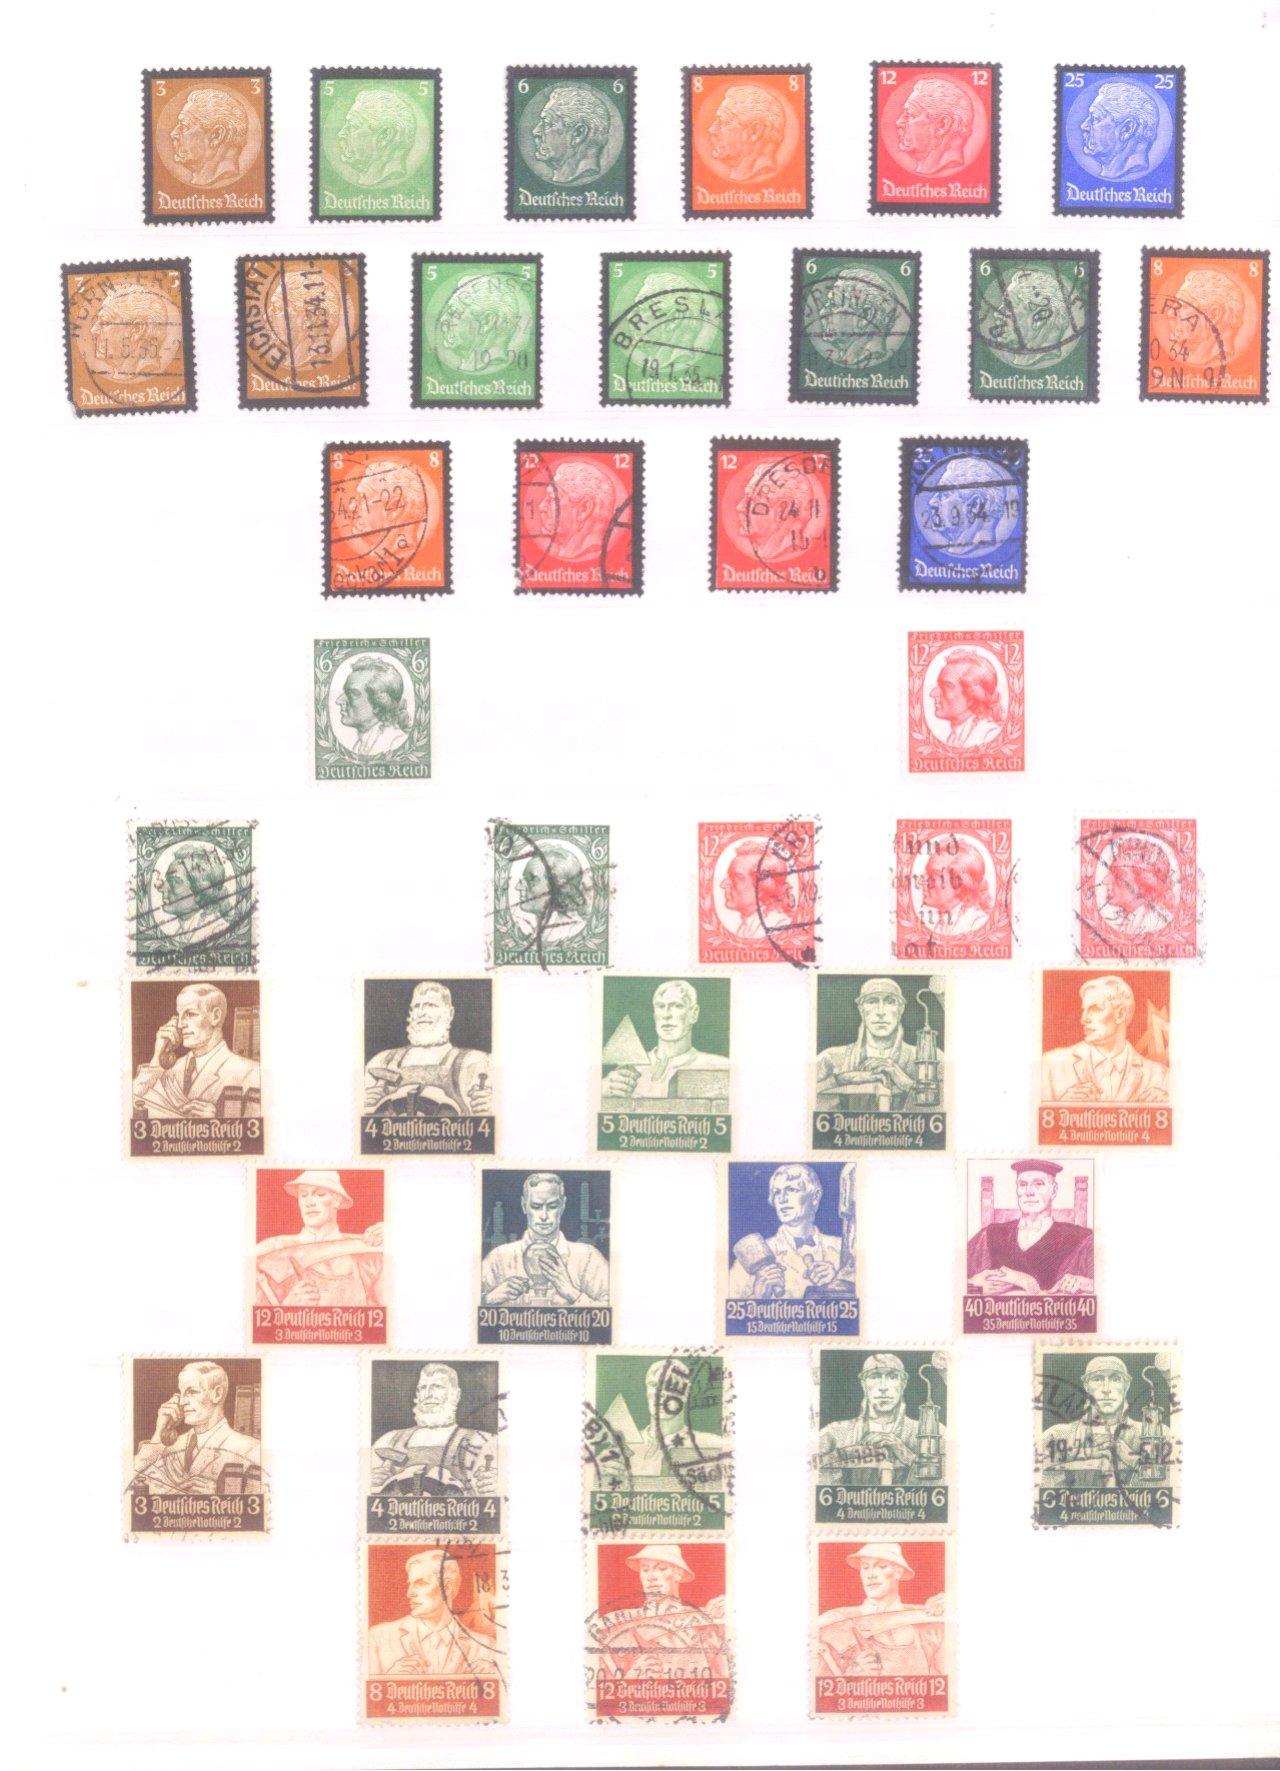 Sammlung Deutsches Reich in 2 Alben, 1933-1945-3